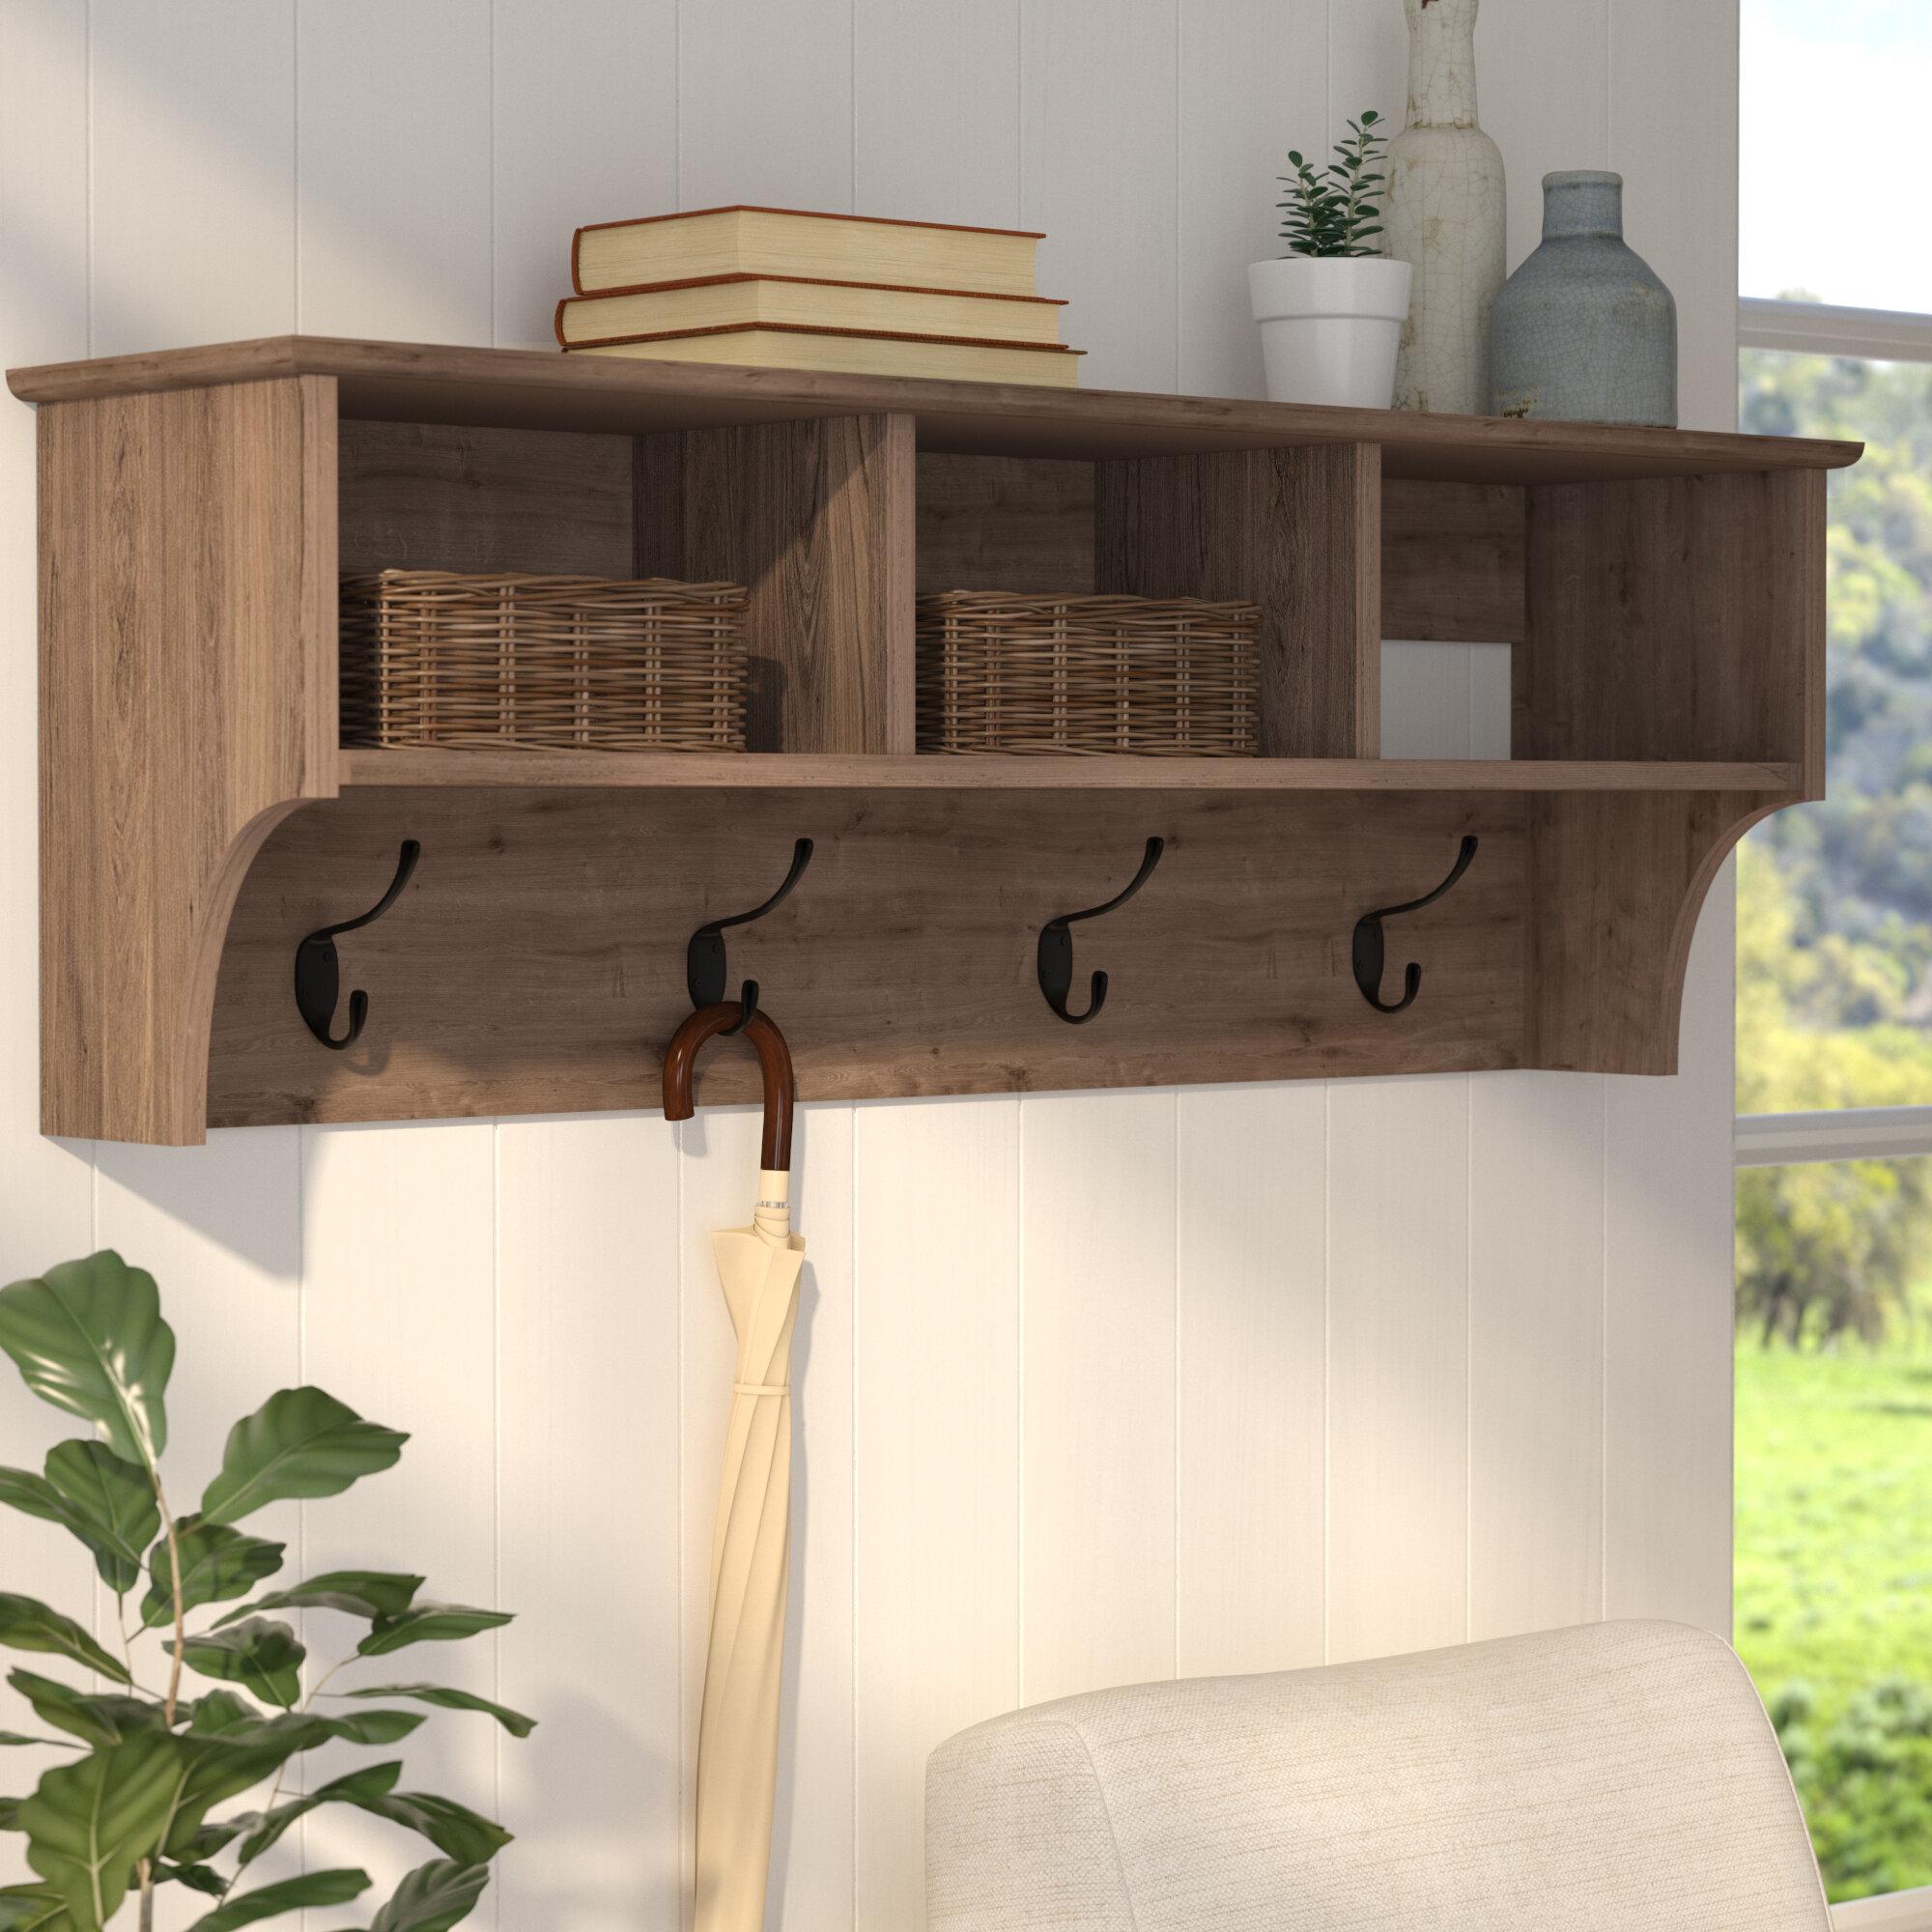 x john home mounted rack design hanging coat wall shelf